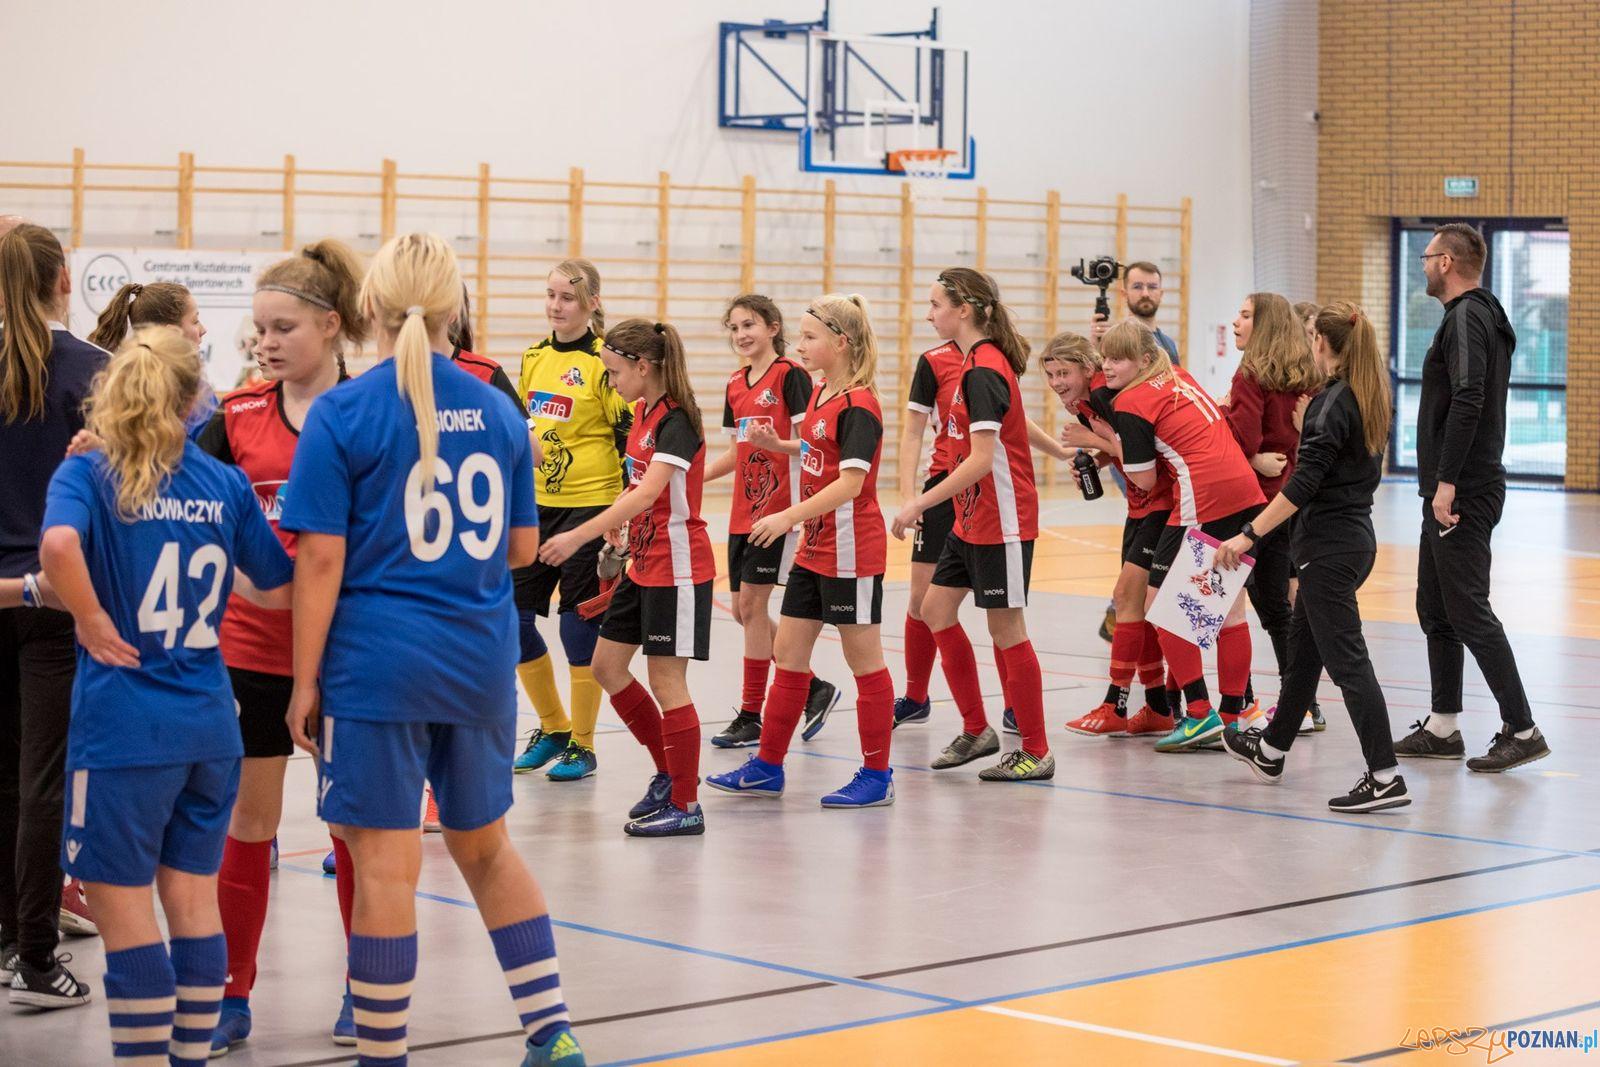 Piłka nożna dziewcząt (1)  Foto: Michał Kościelak / materiały prasowe